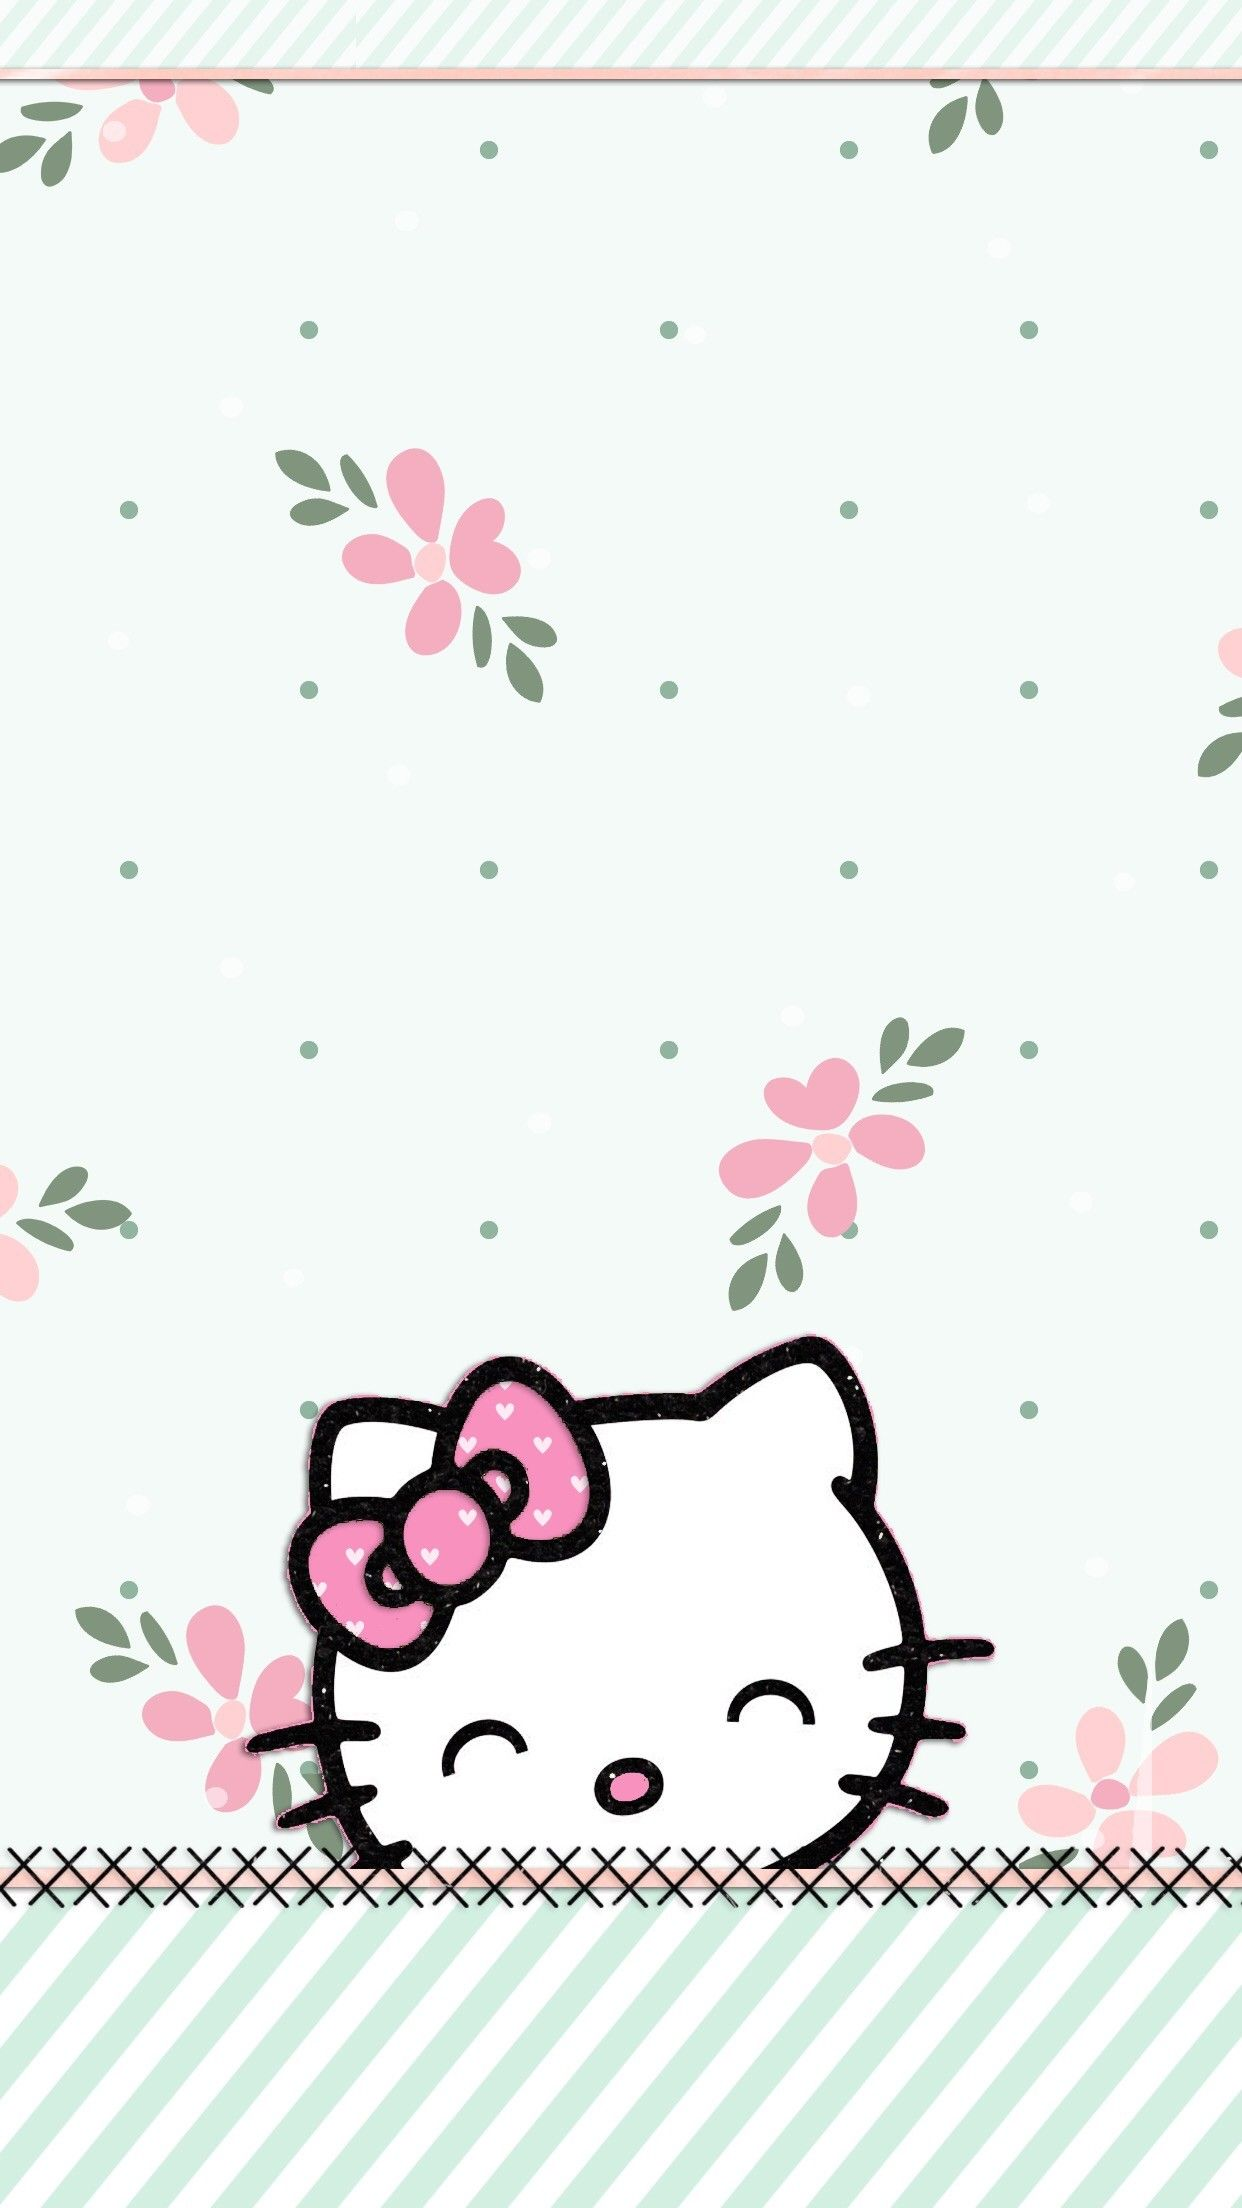 68 Hello Kitty Fondos De Pantalla Hd Fondos De